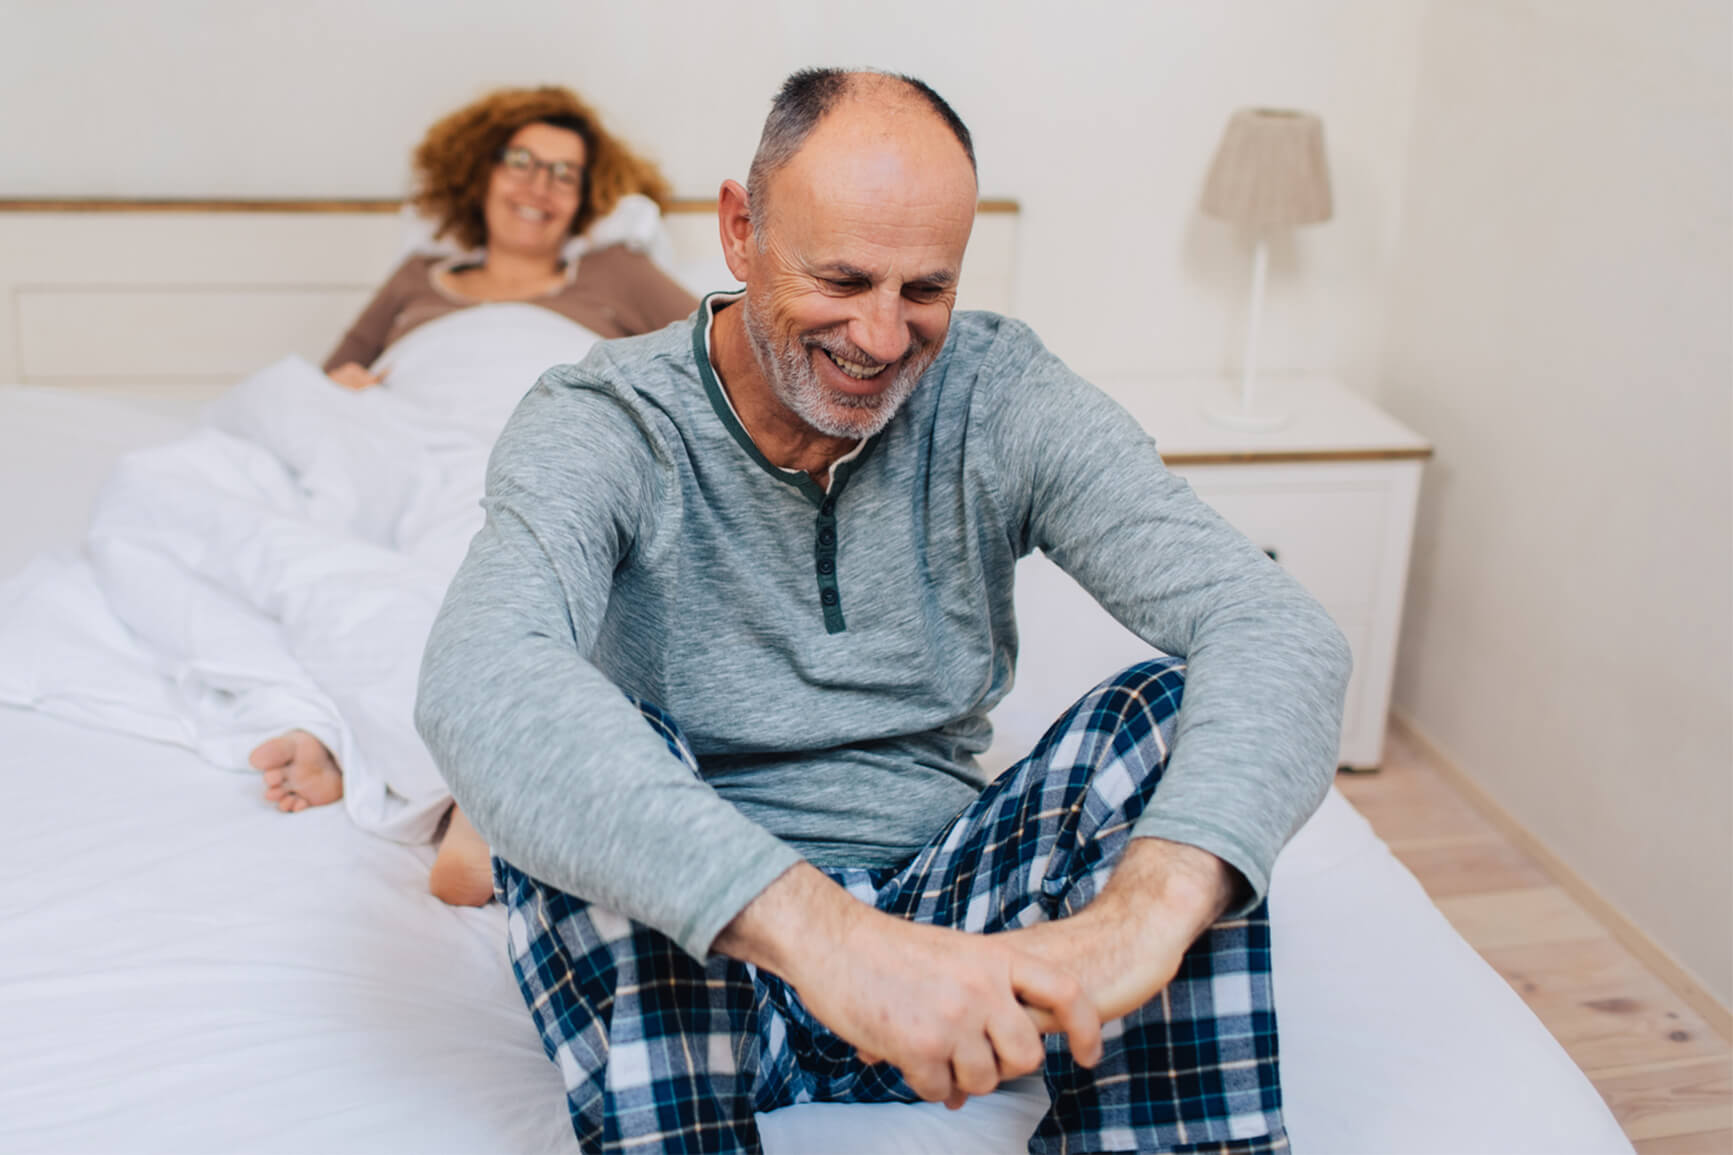 Man bed smiling